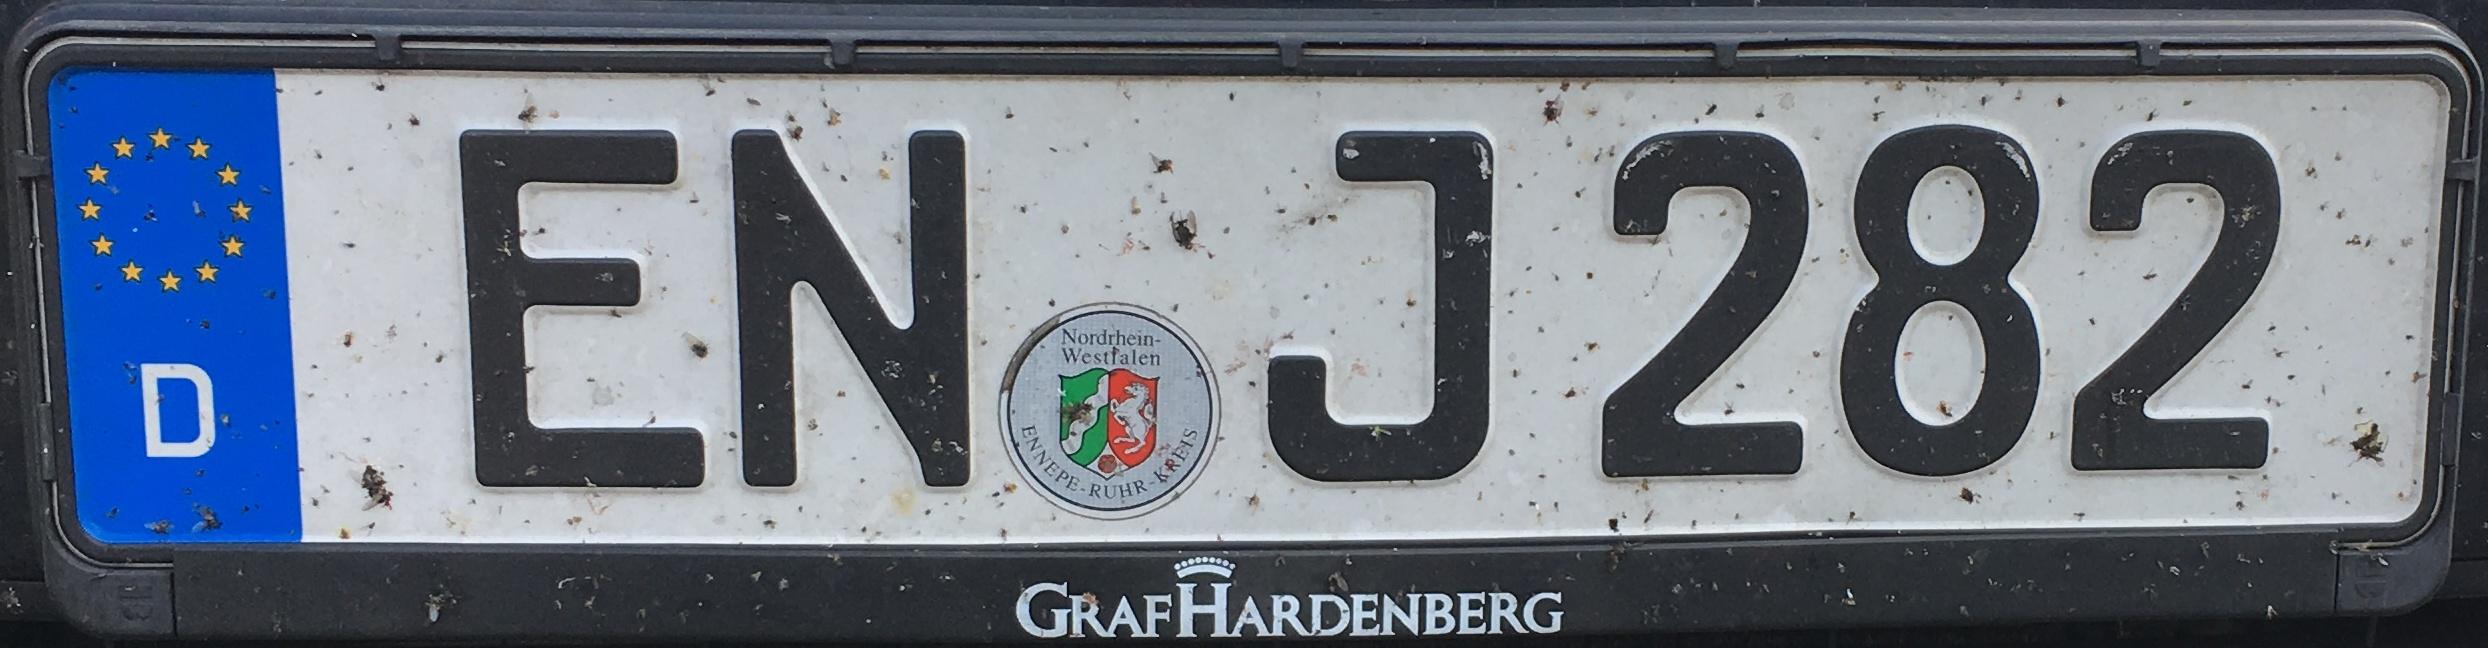 Registrační značka Německo - EN - Ennepe-Ruhr-Kreis, foto: www.podalnici.cz